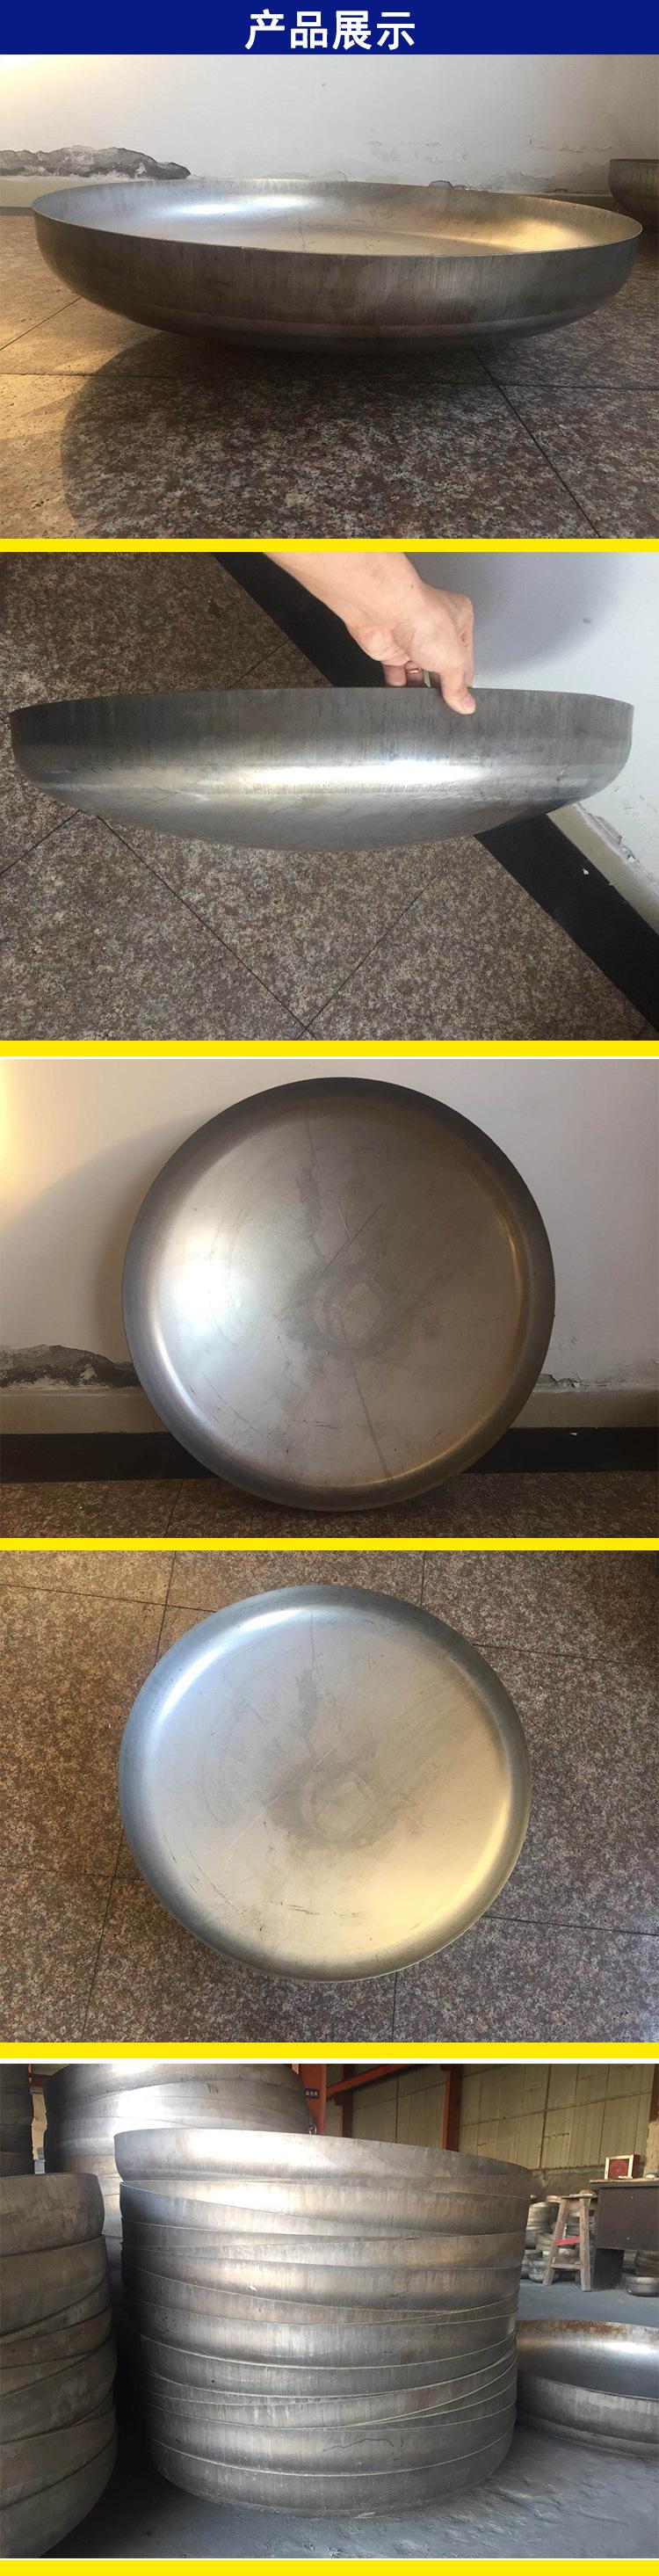 批发304椭圆封头管帽 加工定制不锈钢碟形封头 冷旋压不锈钢封头示例图3